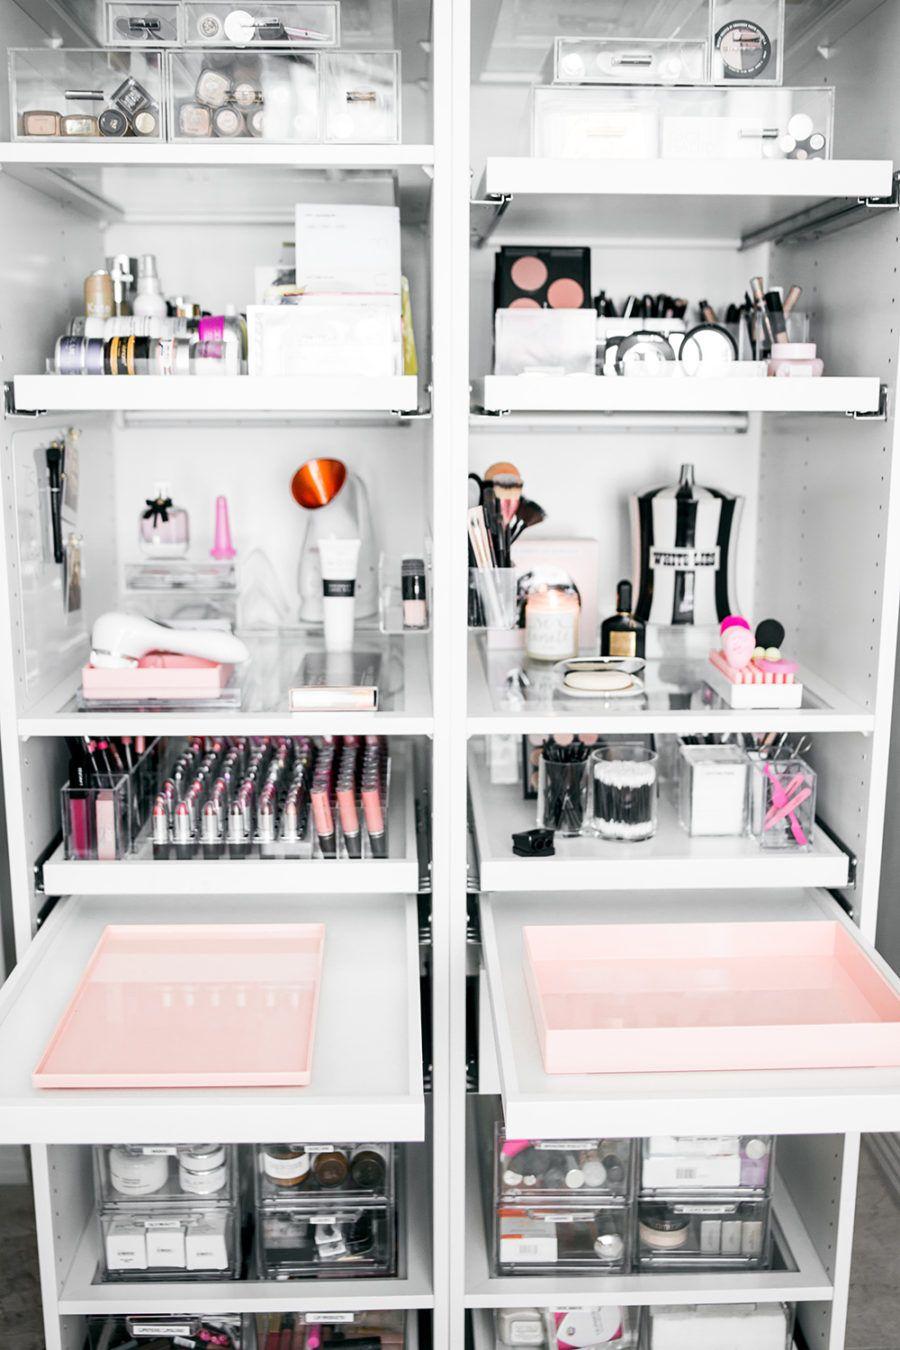 My Makeup Installment And Organization Ft Deuxaliti Makeup